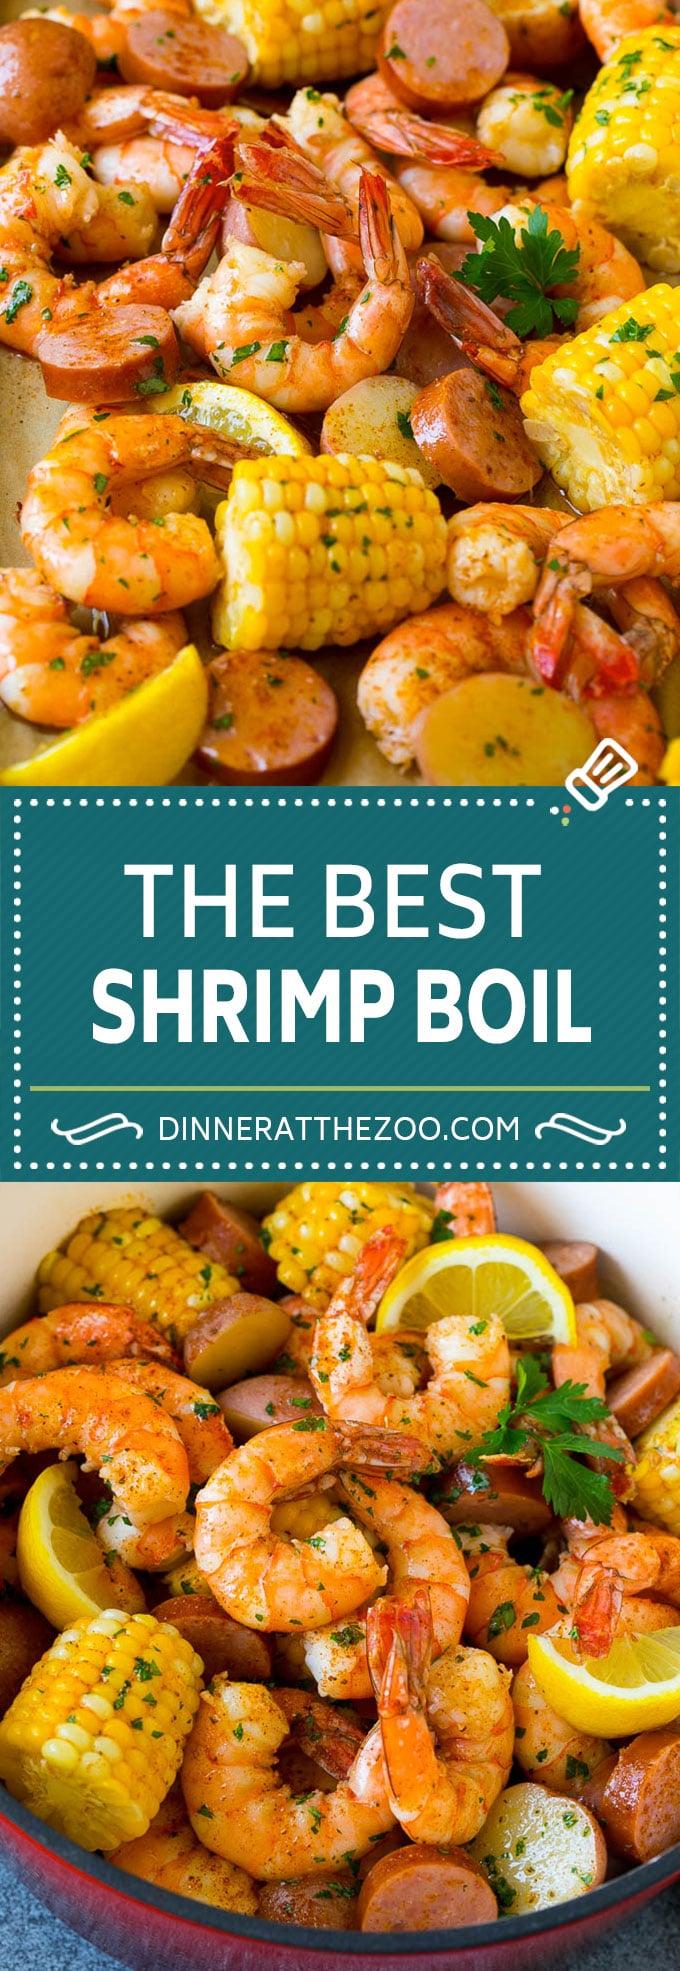 Shrimp Boil Recipe - Dinner at the Zoo